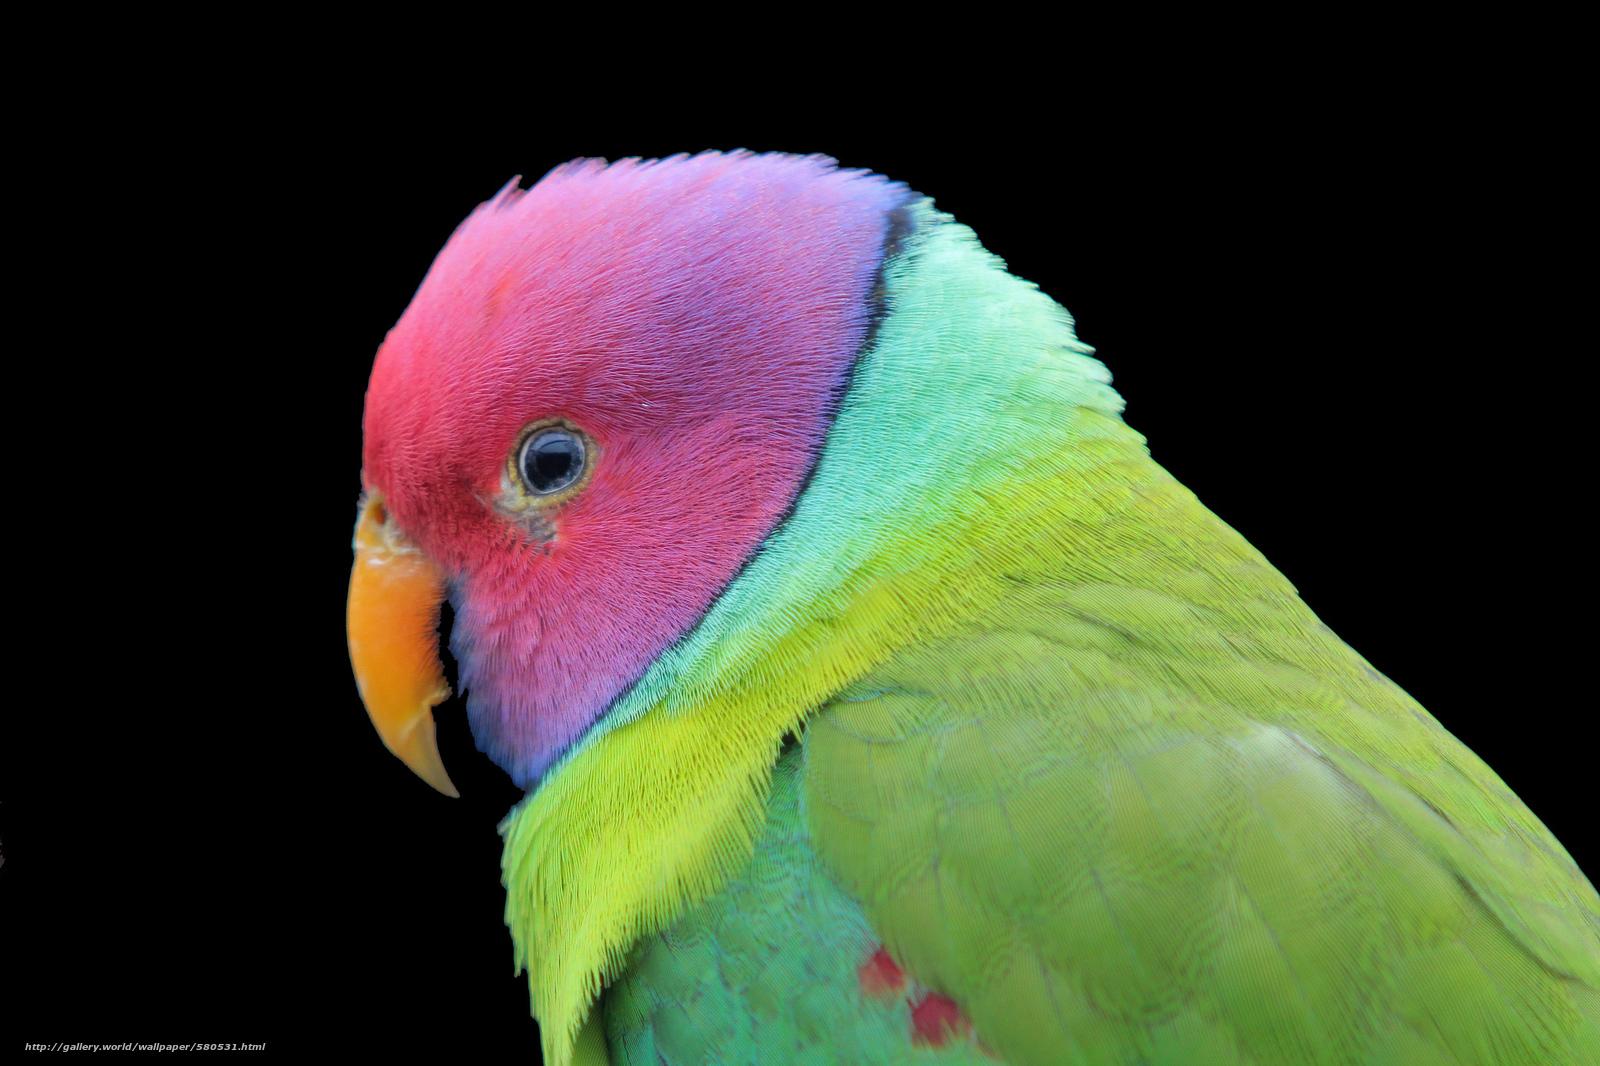 Tlcharger fond d 39 ecran oiseau couleur perroquet fond for Oiseau couleur